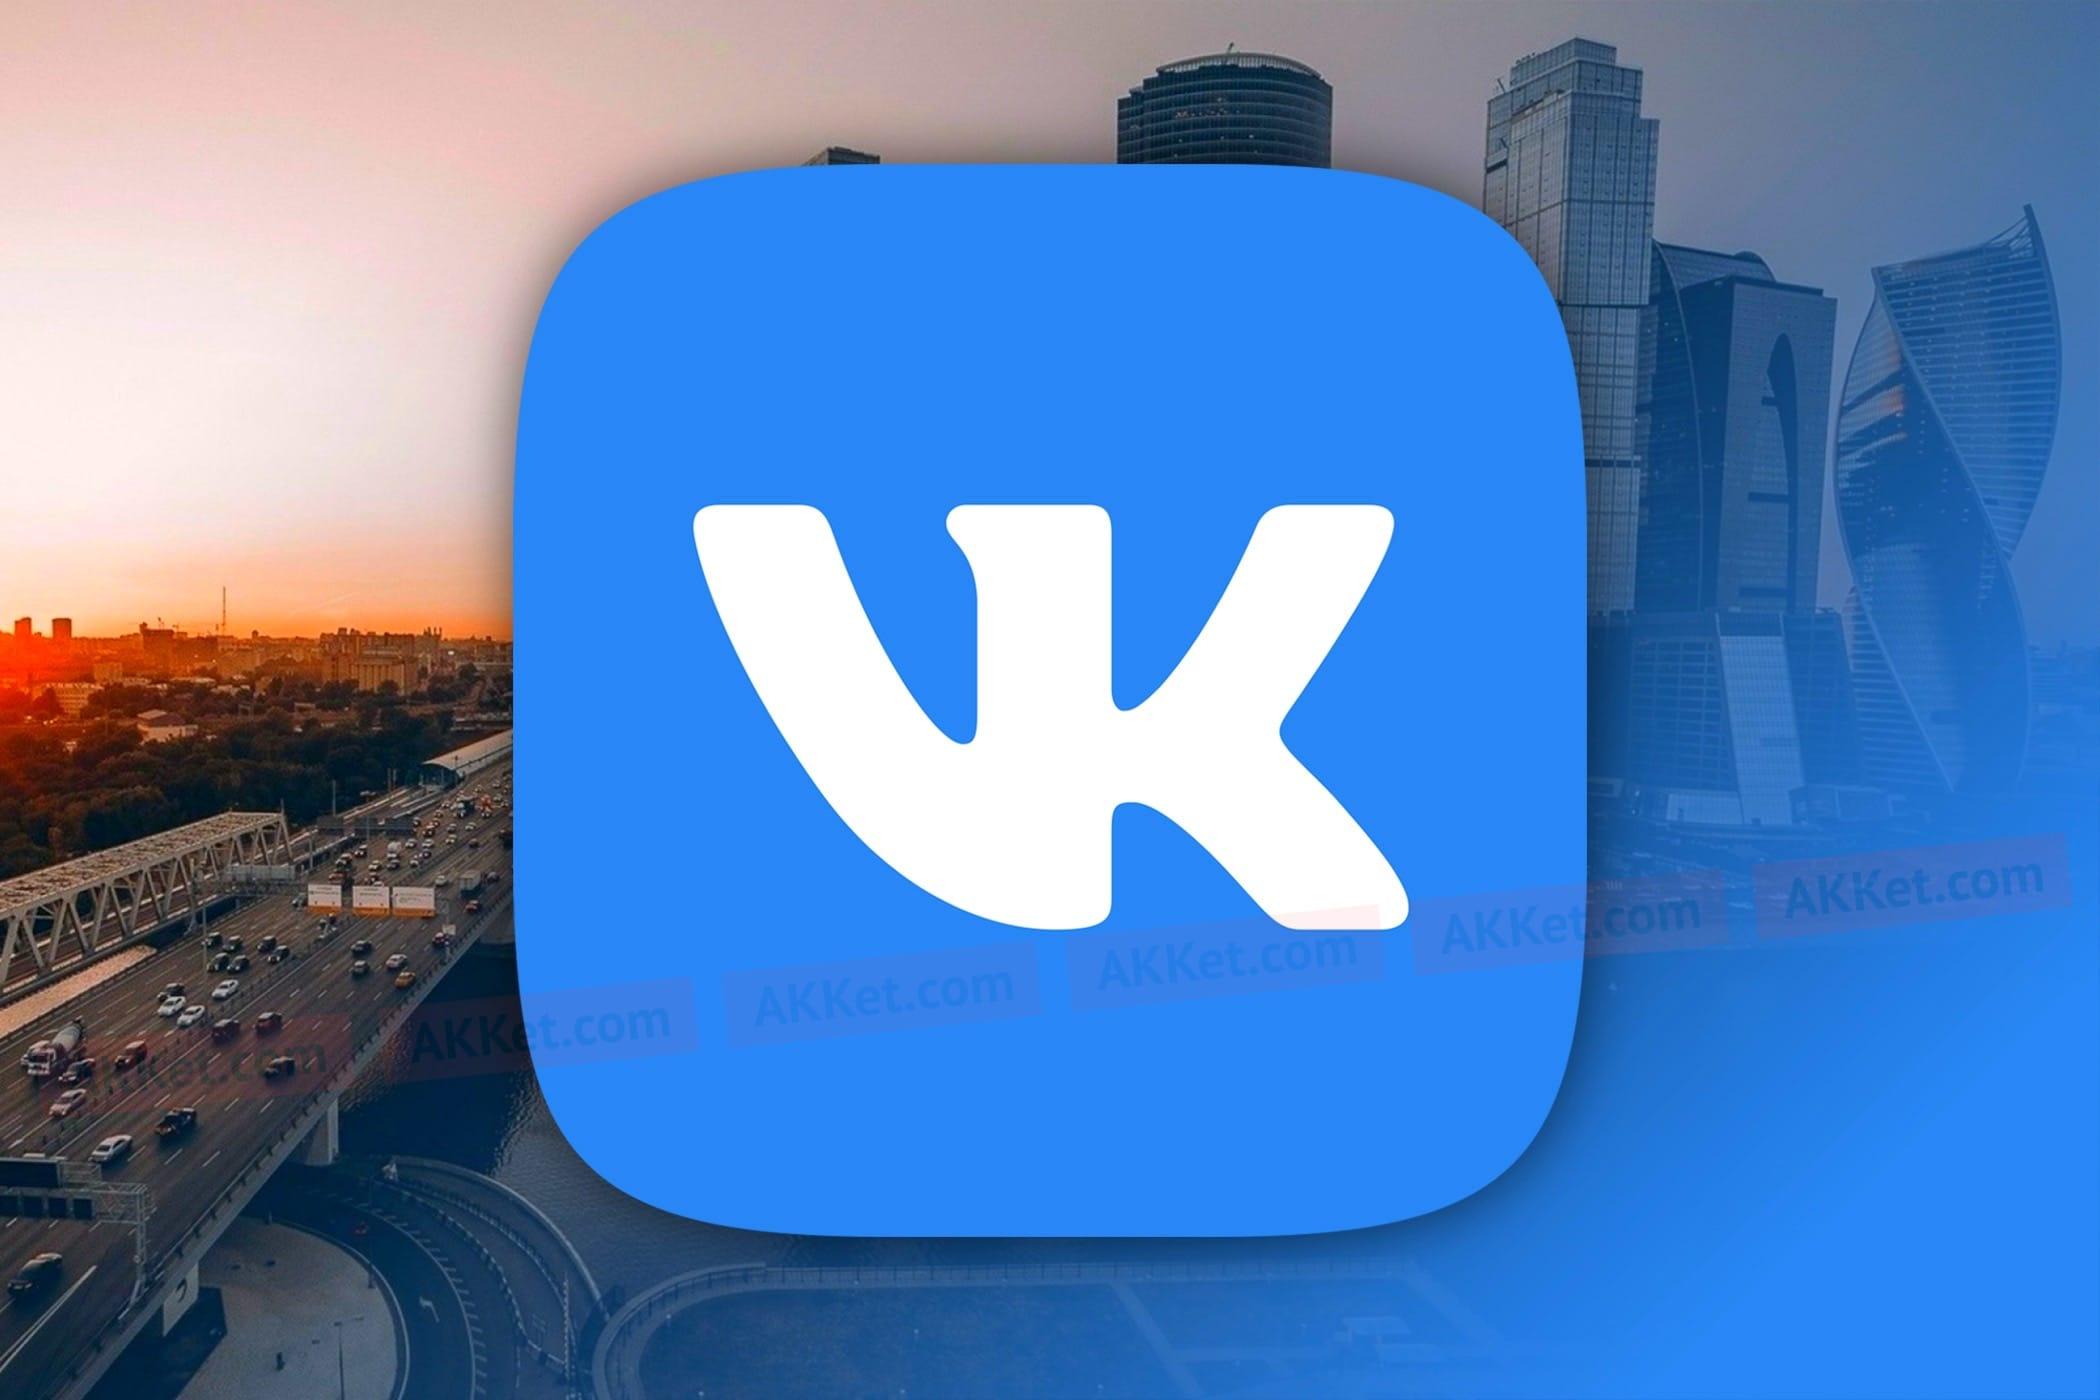 «ВКонтакте» снова не разрешила бюро кредитных историй собирать данные пользователей для оценки заемщиков